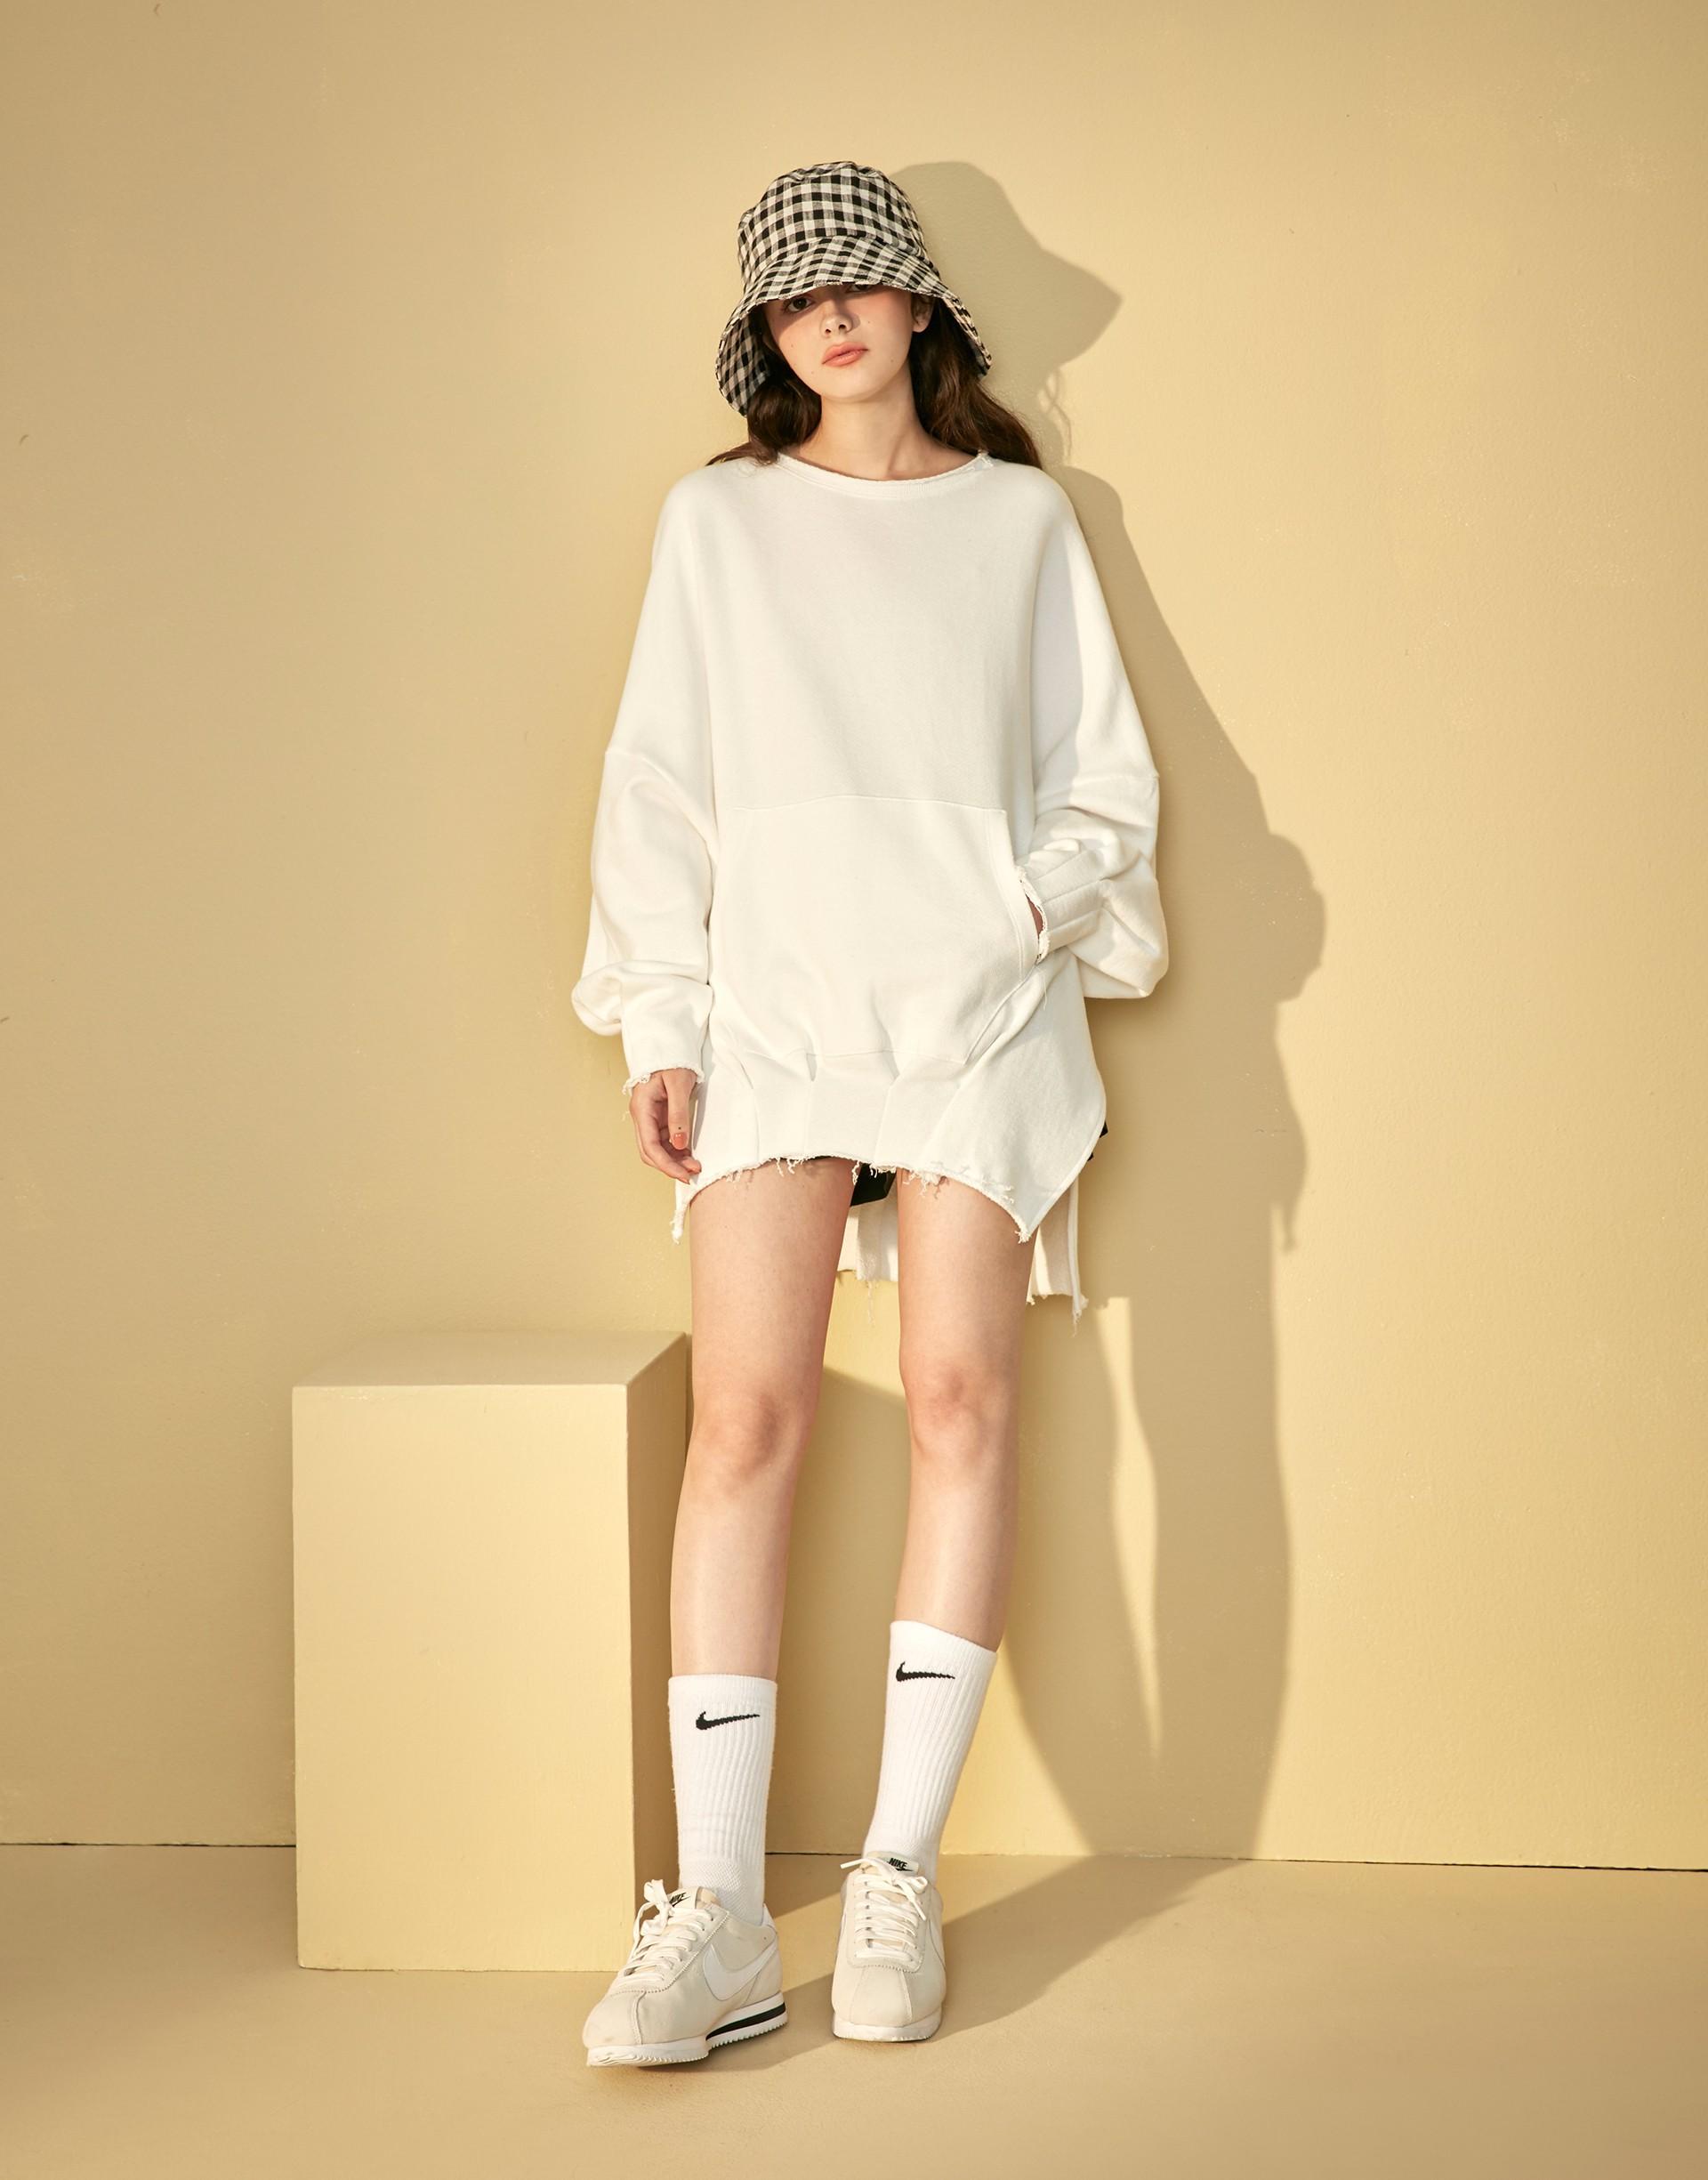 台灣製造/PAZZO自訂開發粗針厚絨布料/袖口領口及下擺做不收邊設計/前有一個大口袋/大落肩寬鬆款式